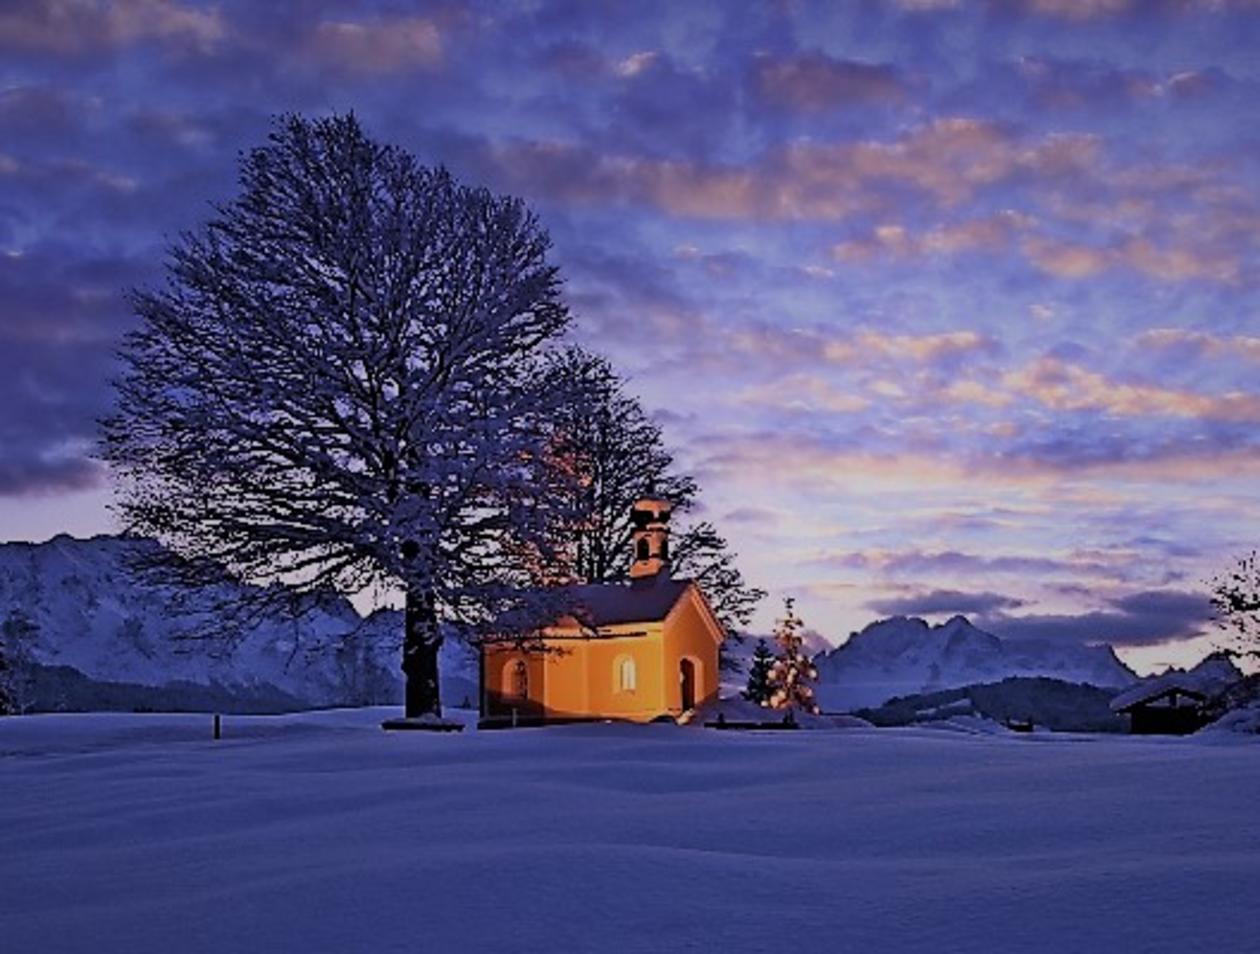 Tolle Weihnachtsbilder.Leser Senden Ihr Schönstes Weihnachtsbild Garmisch Partenkirchen